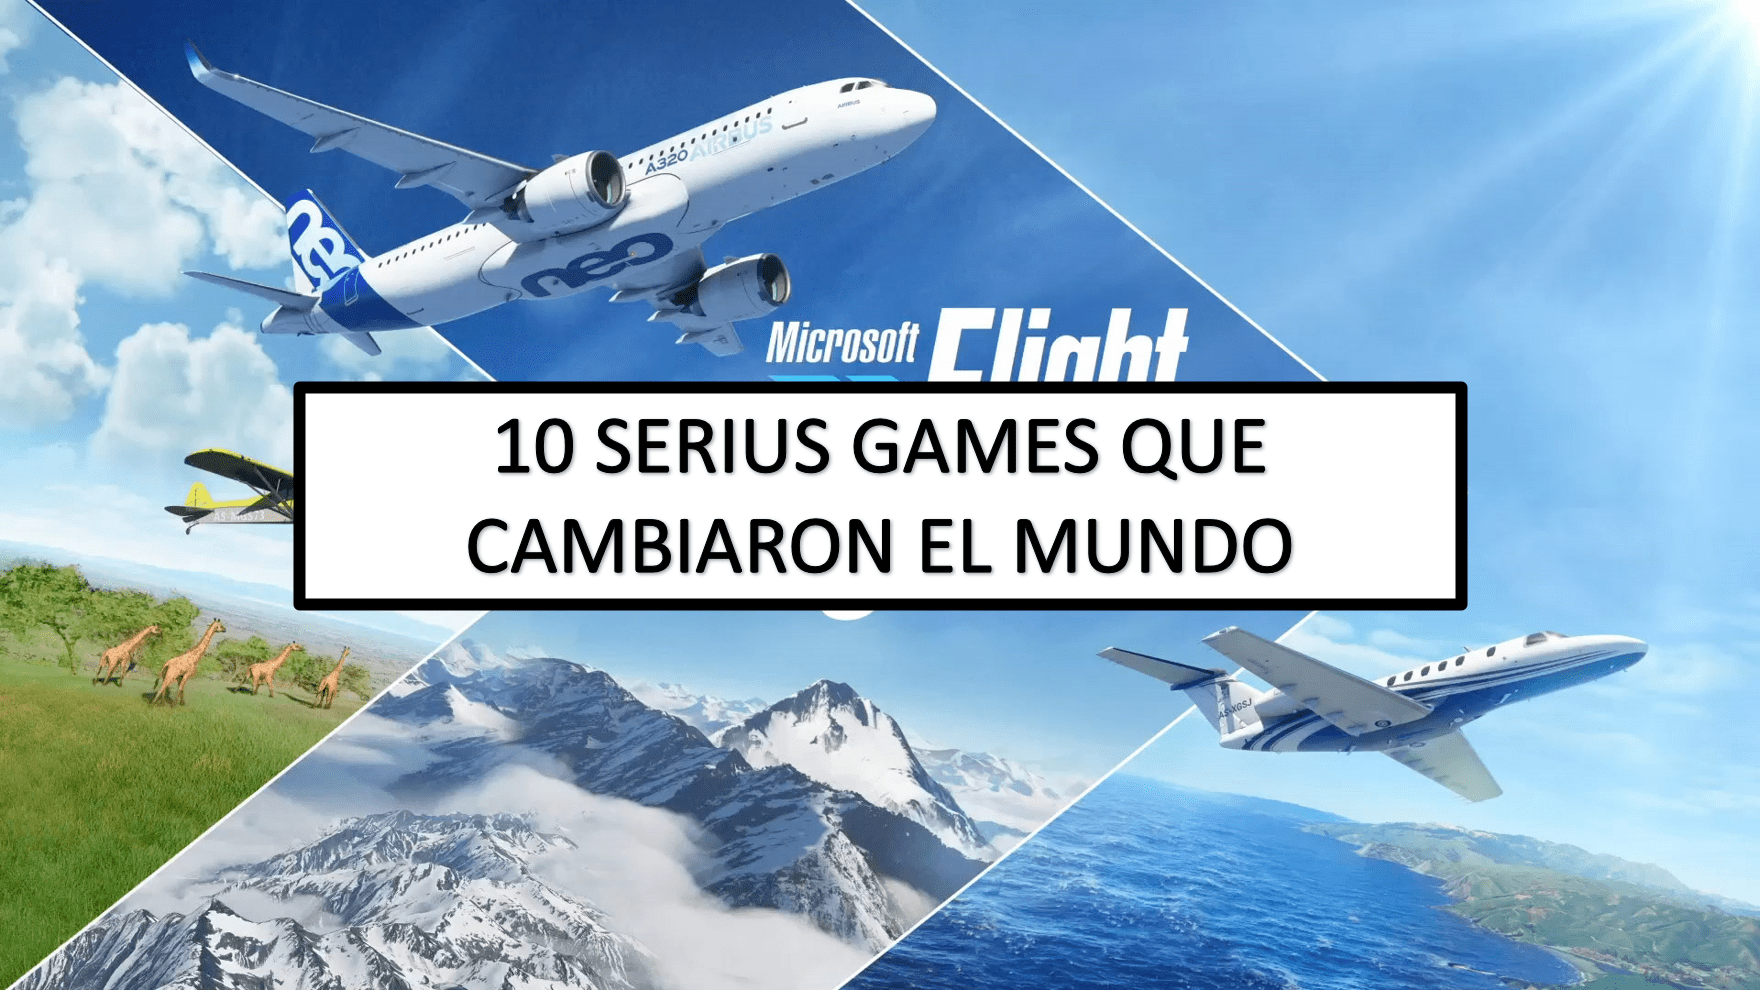 10 Serius Games que cambiaron el Mundo